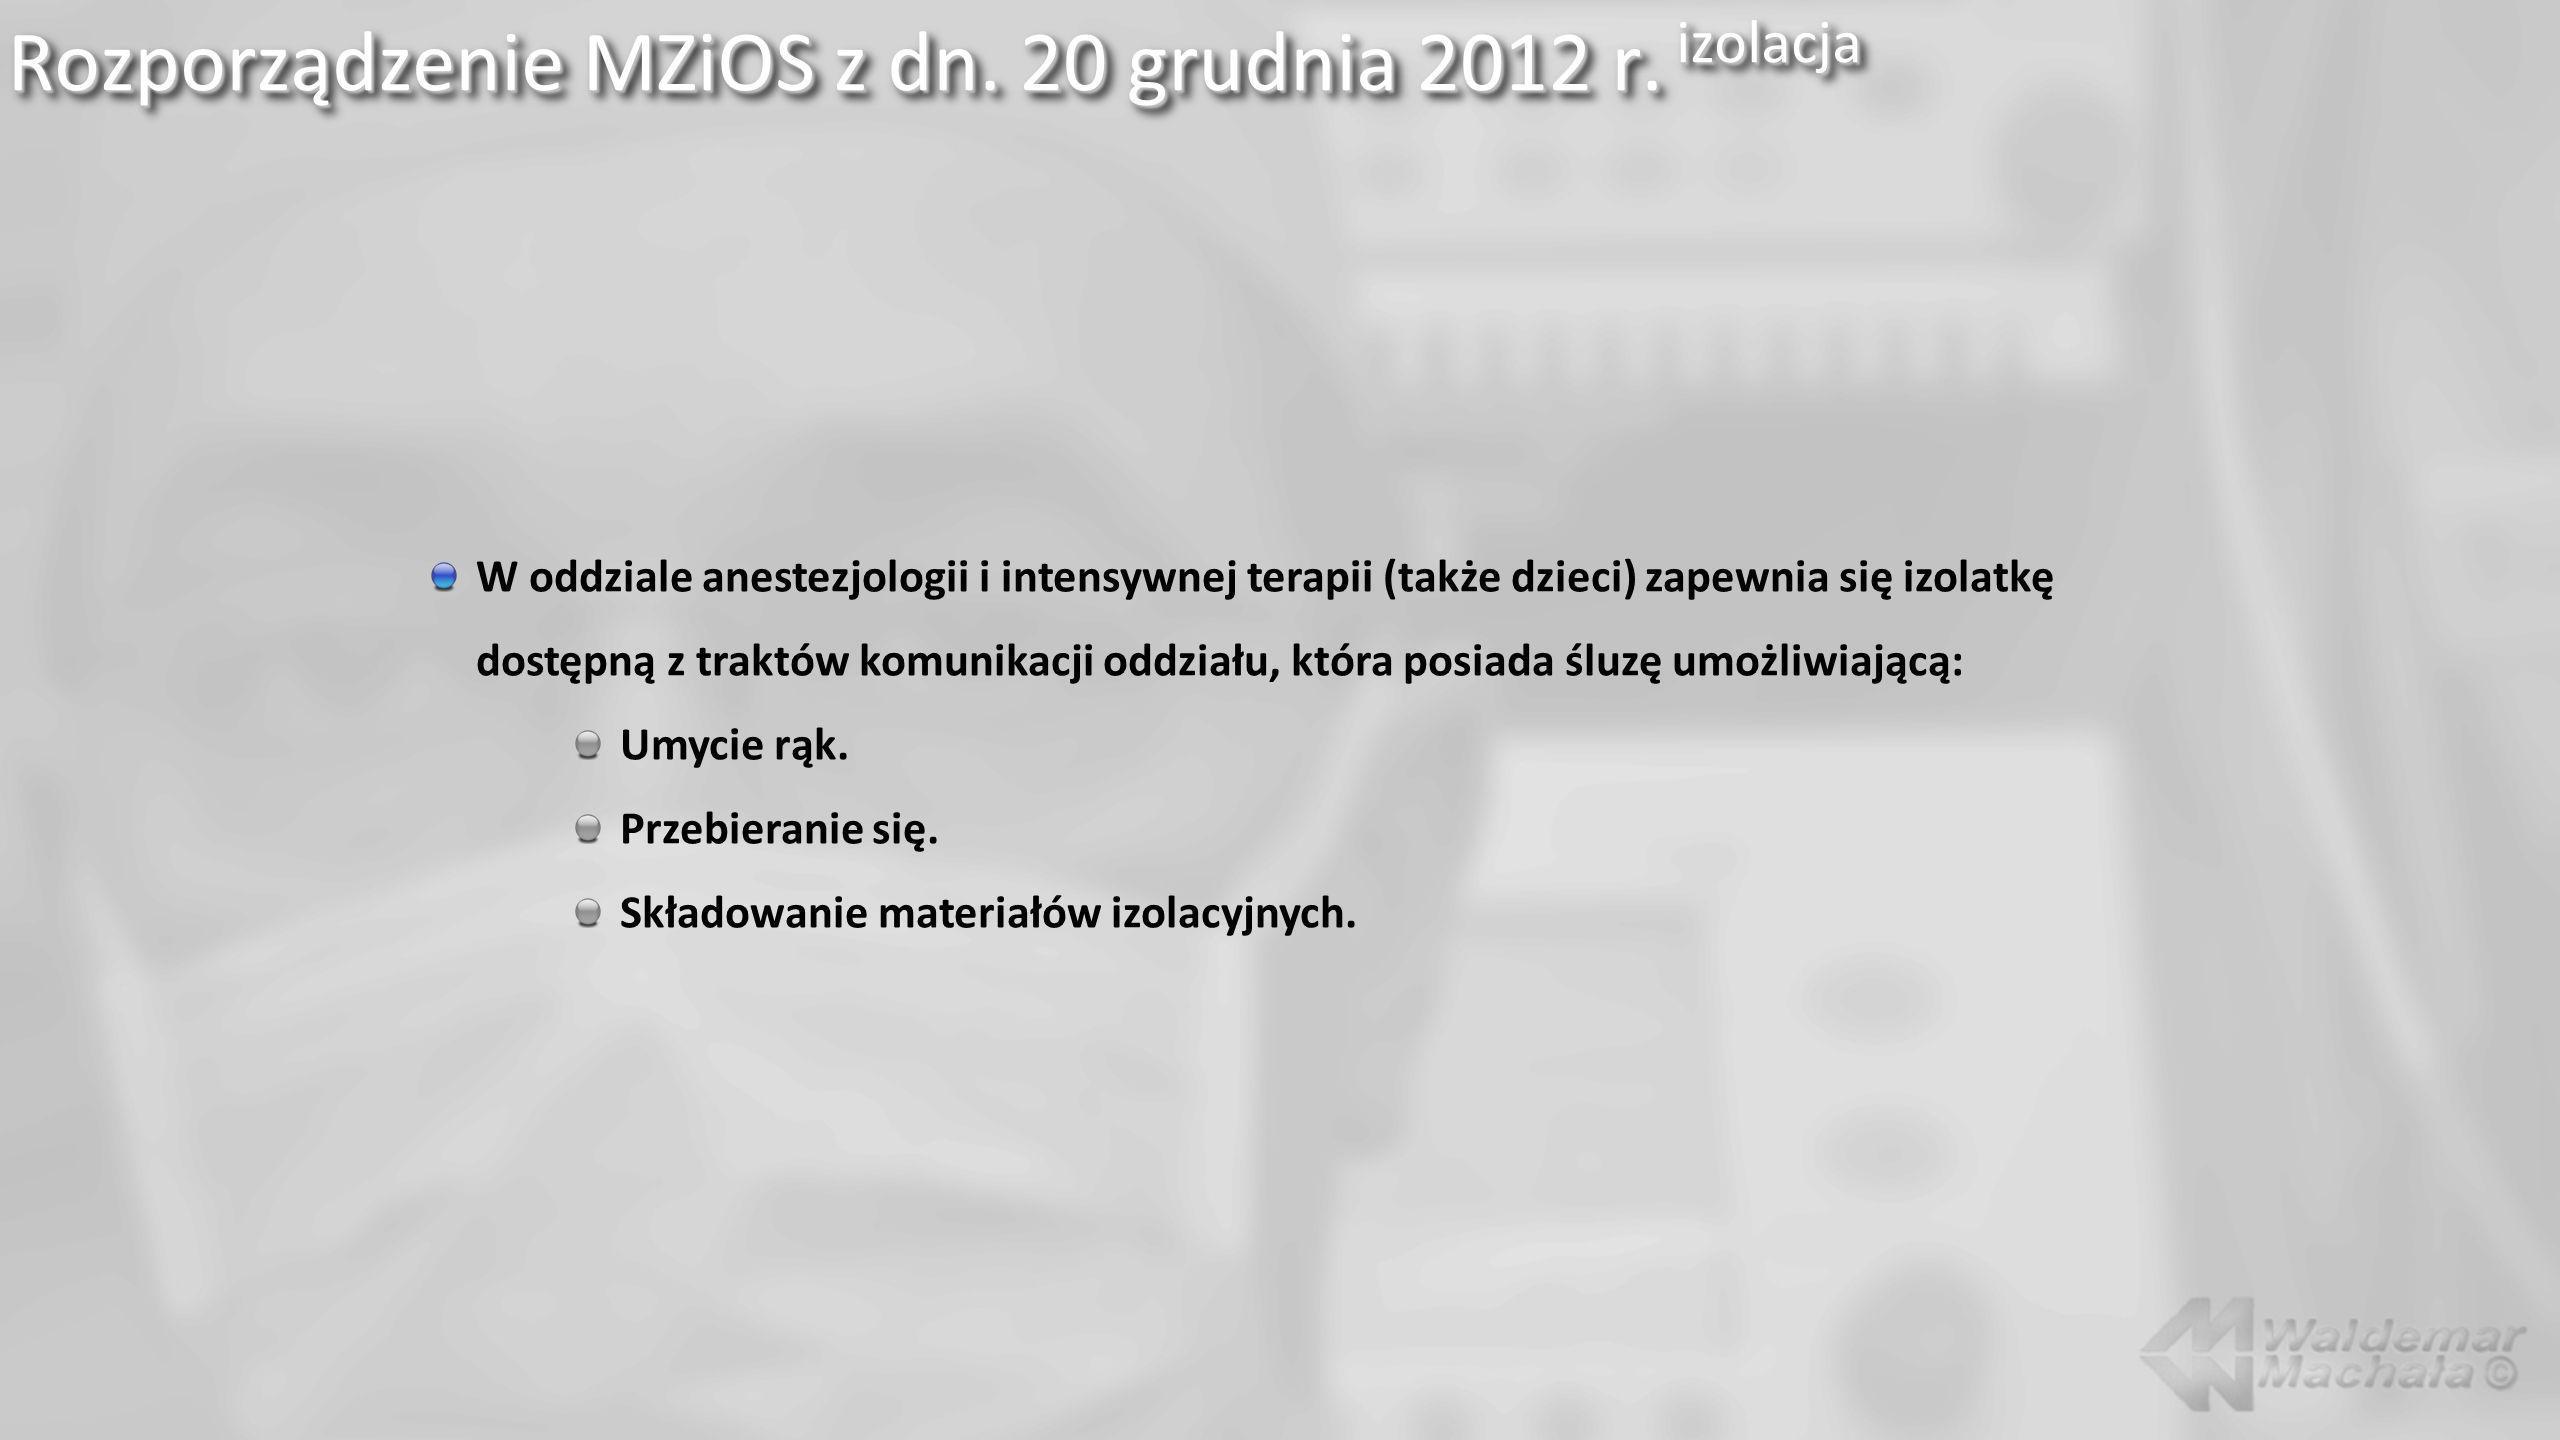 Rozporządzenie MZiOS z dn. 20 grudnia 2012 r. izolacja